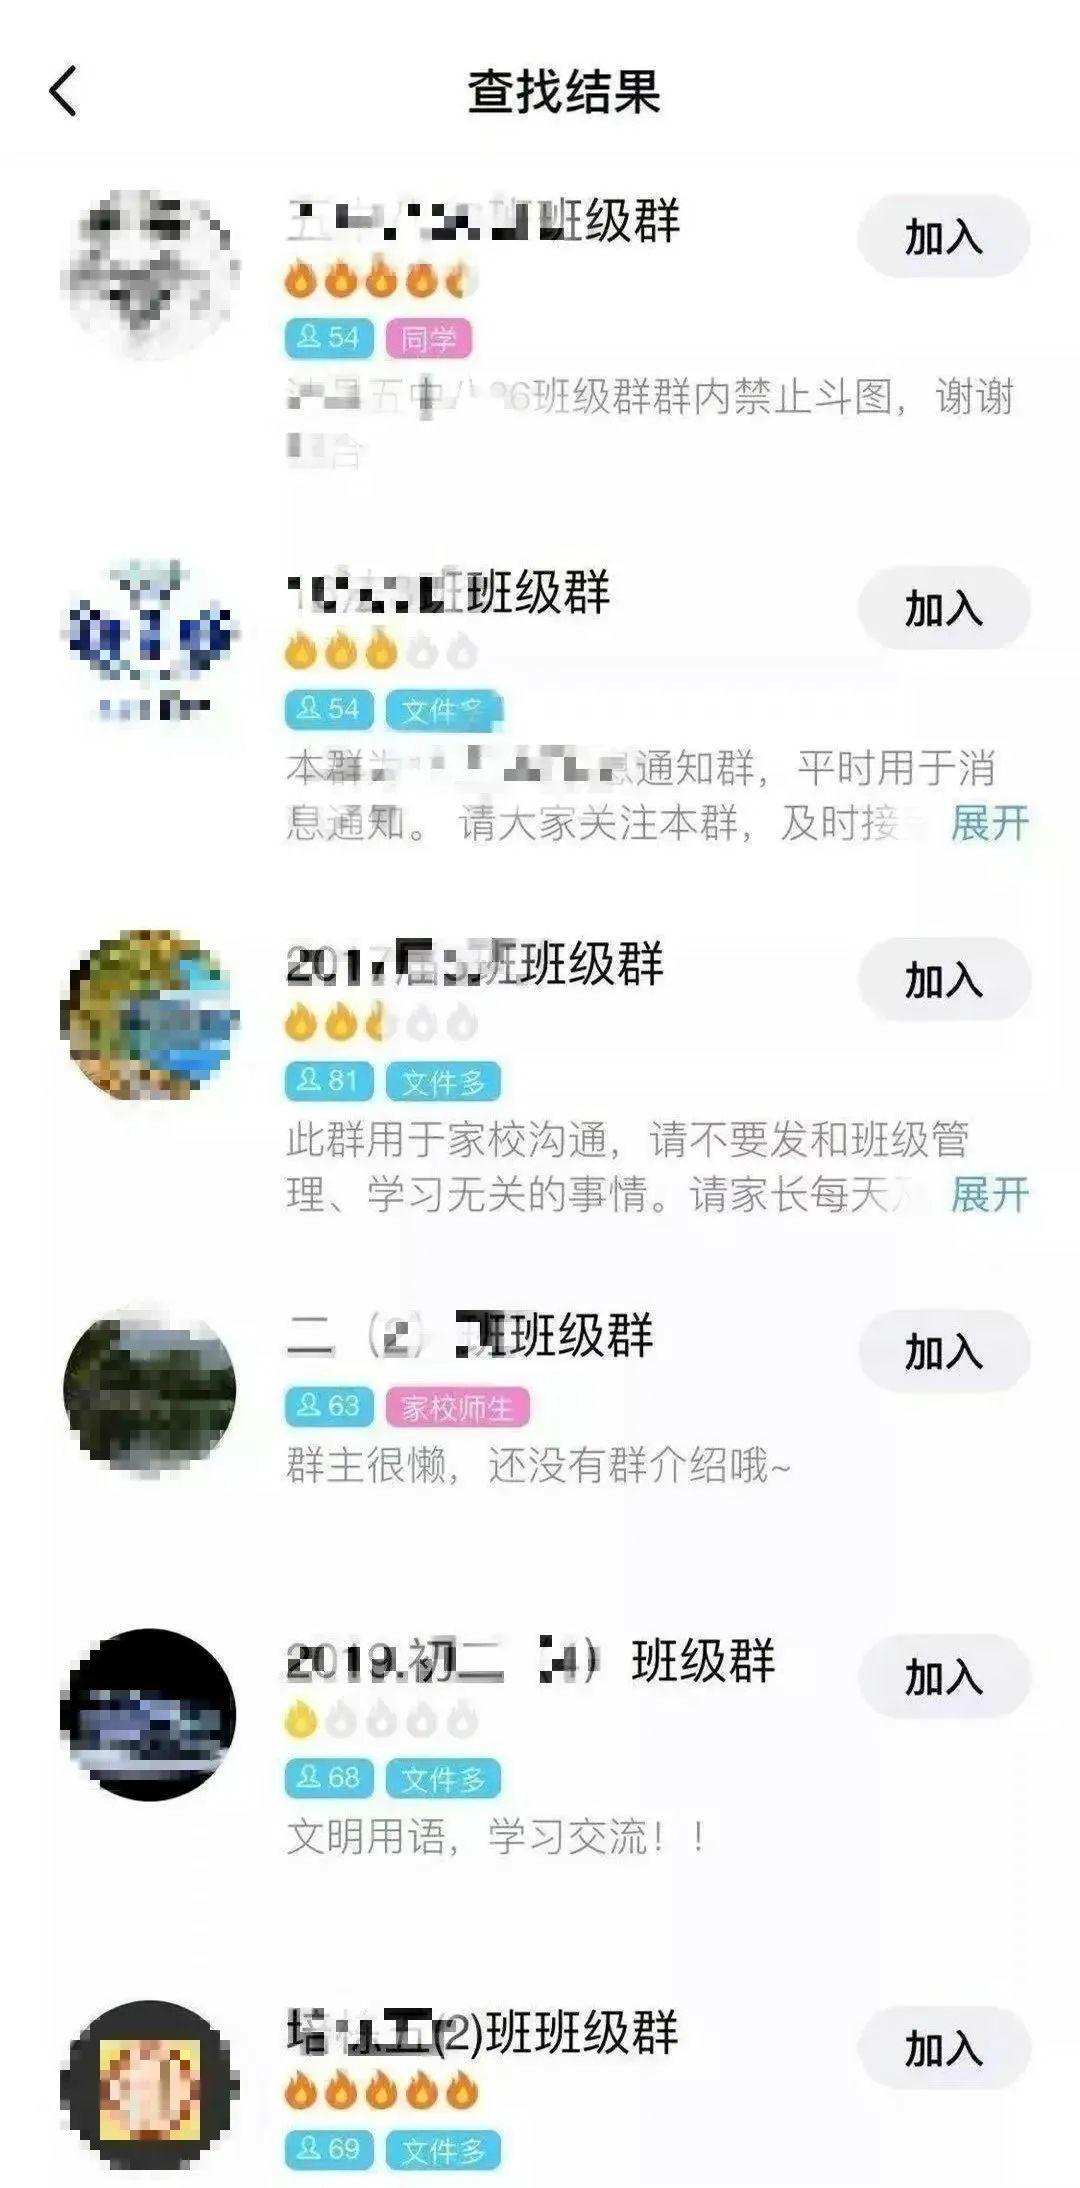 北京昨日新增报告22例新冠肺炎确诊病例